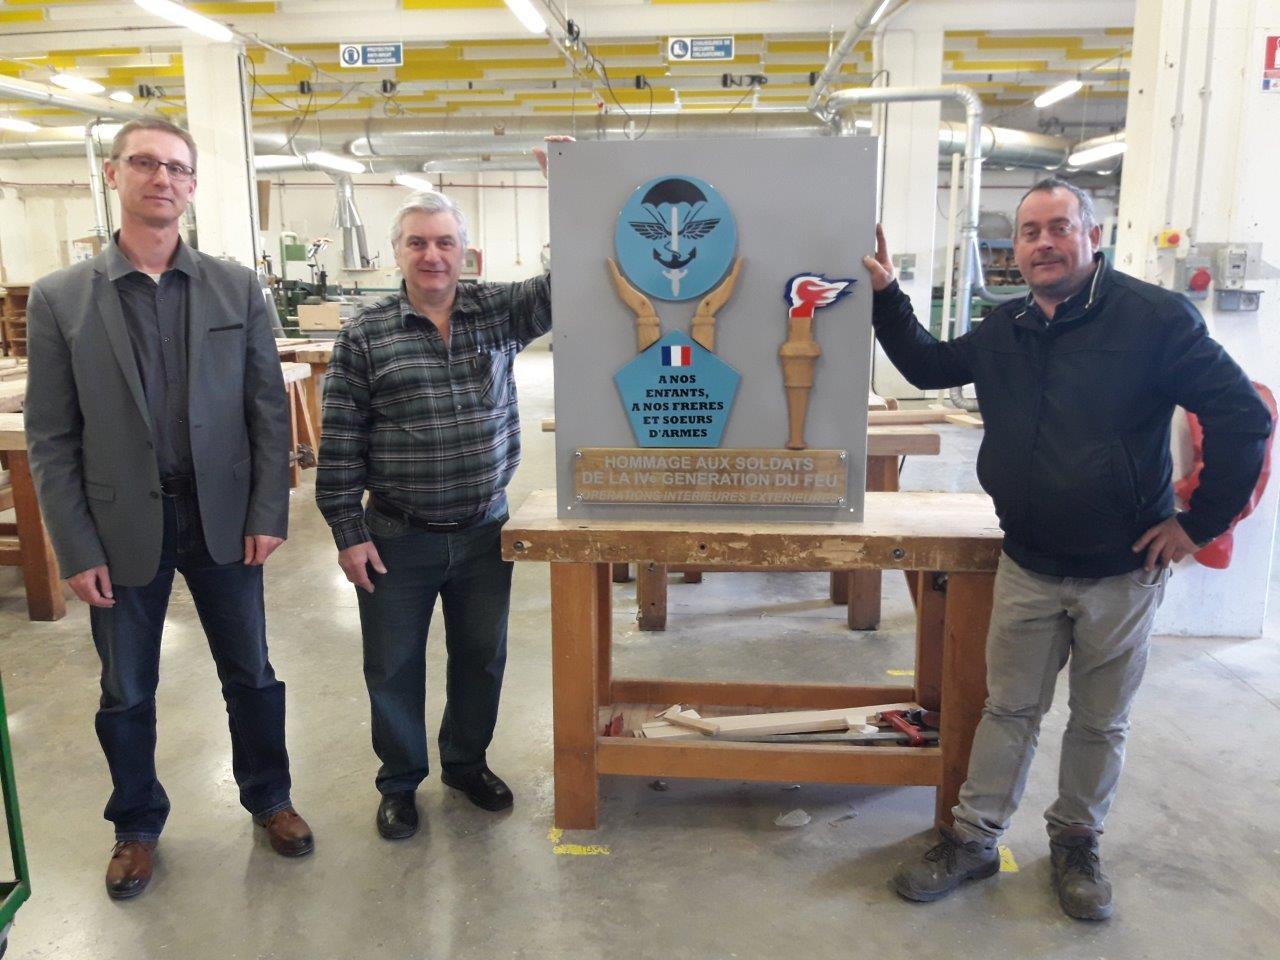 Les élèves du Lycée Polyvalent Jules Verne de Château-Thierry ont fabriqué la plaque commémorative. A gauche, Patrice Parmentier, chef de travaux, et les professeurs.